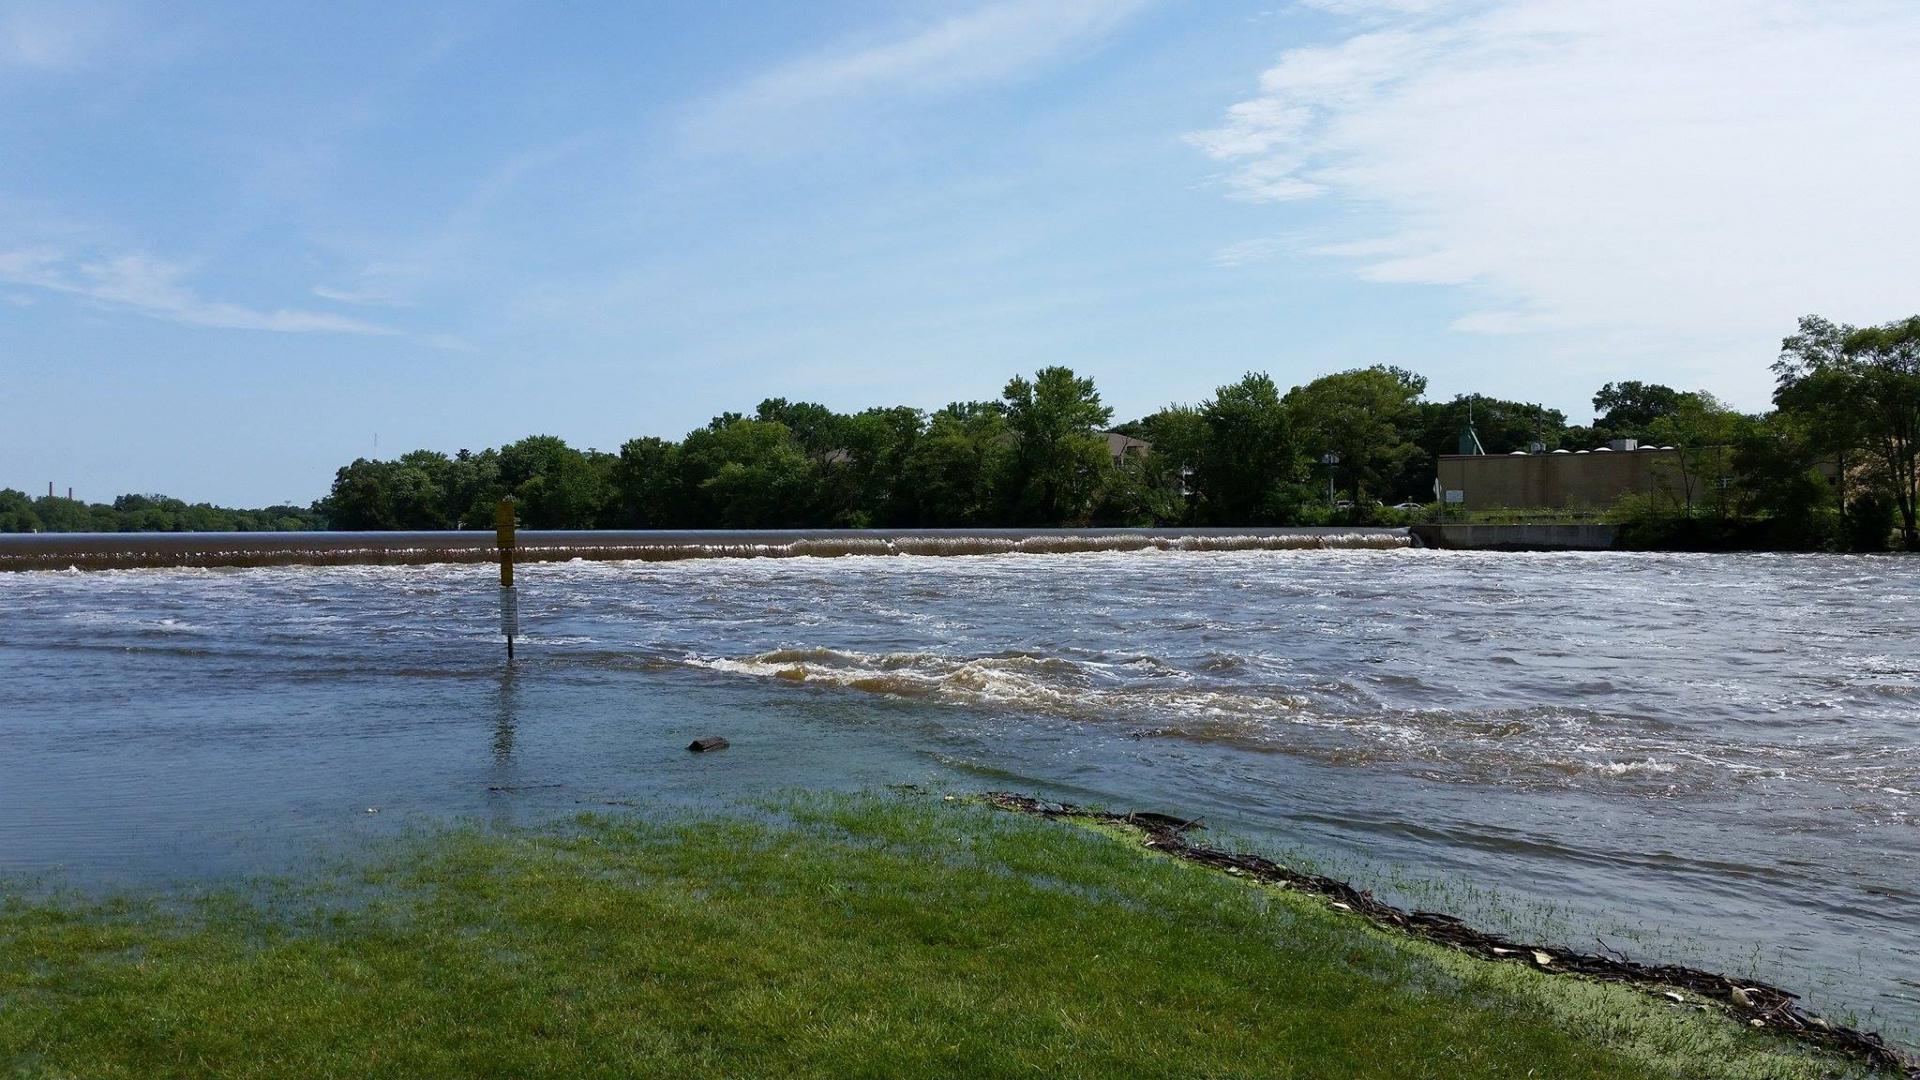 Fox River South Elgin 7/20/2017